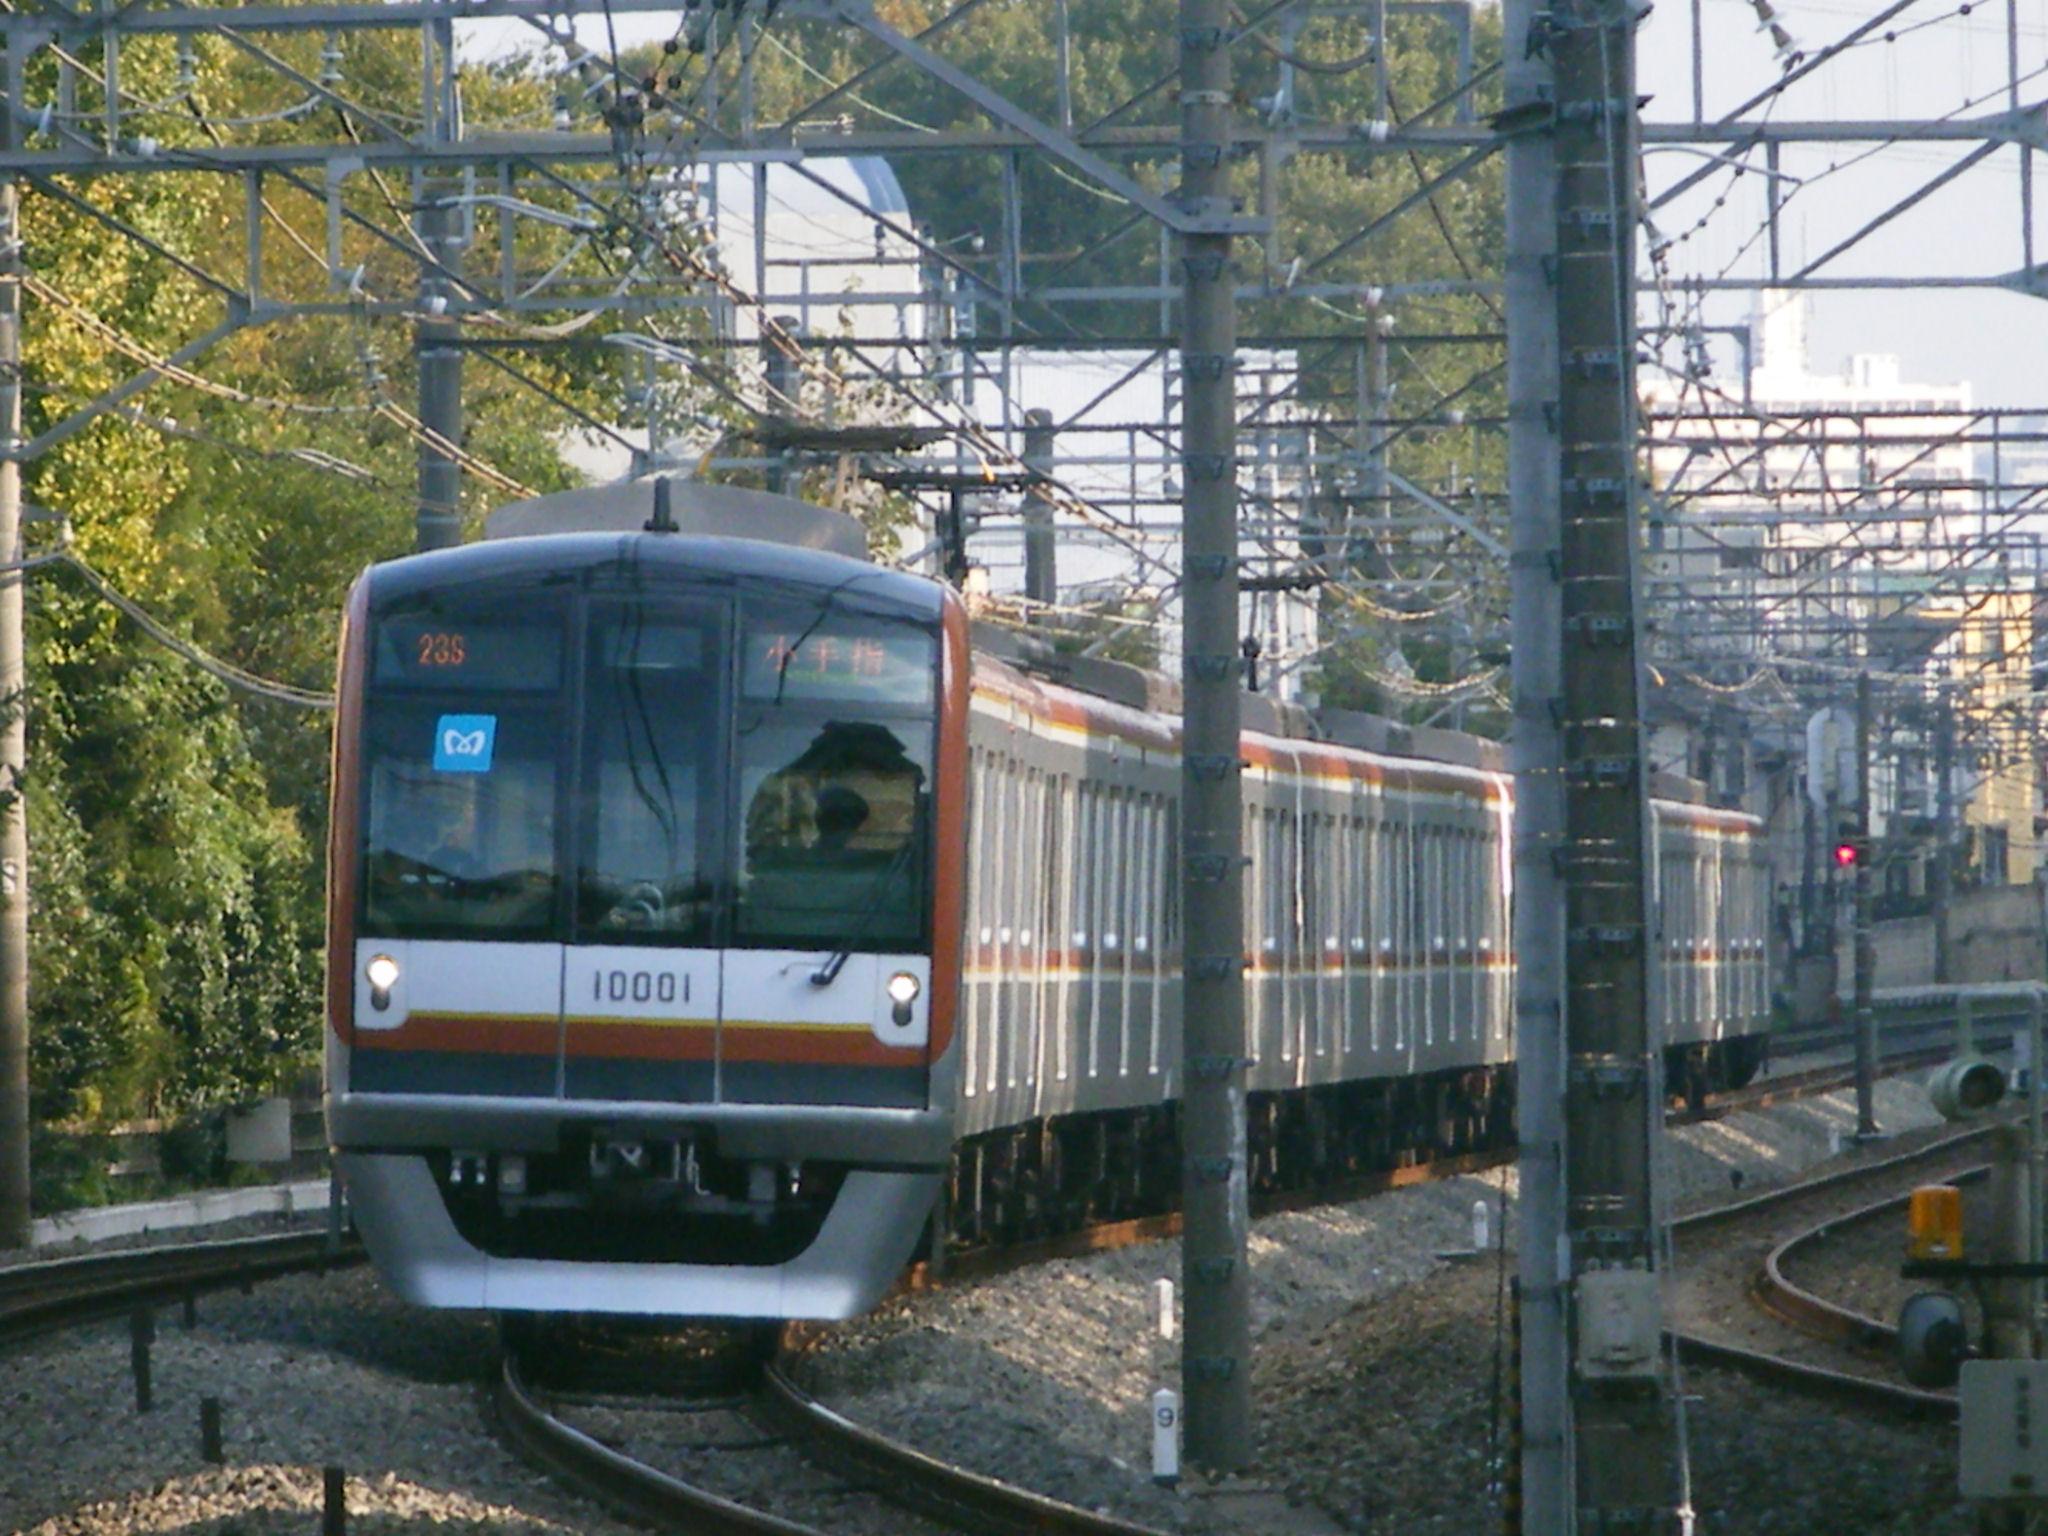 Dscf1802